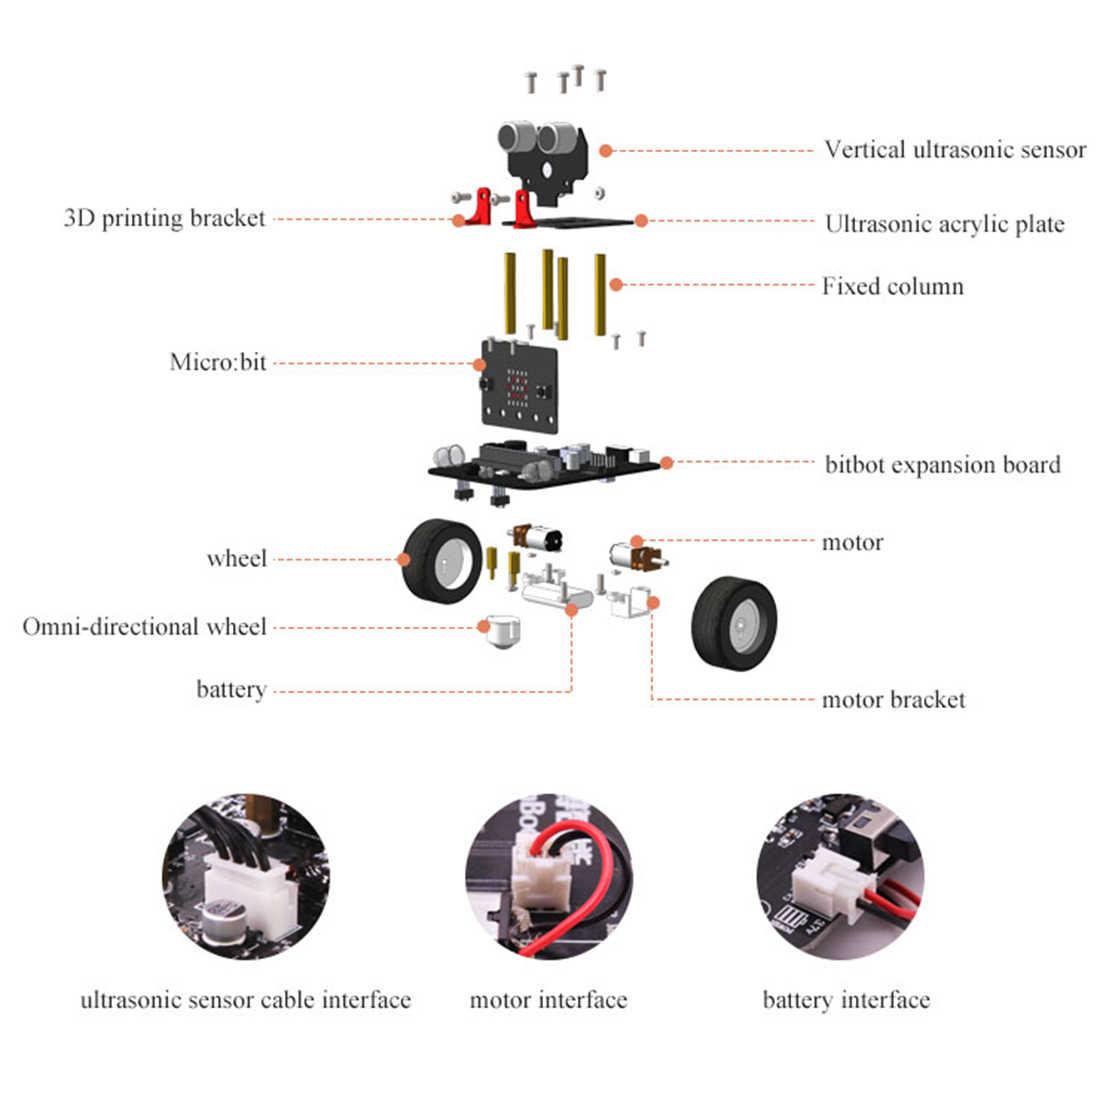 2019 новый графический программируемый робот-автомобиль с Bluetooth ИК и трекинговым модулем, паровой робот-игрушка для микро: бит Bbc